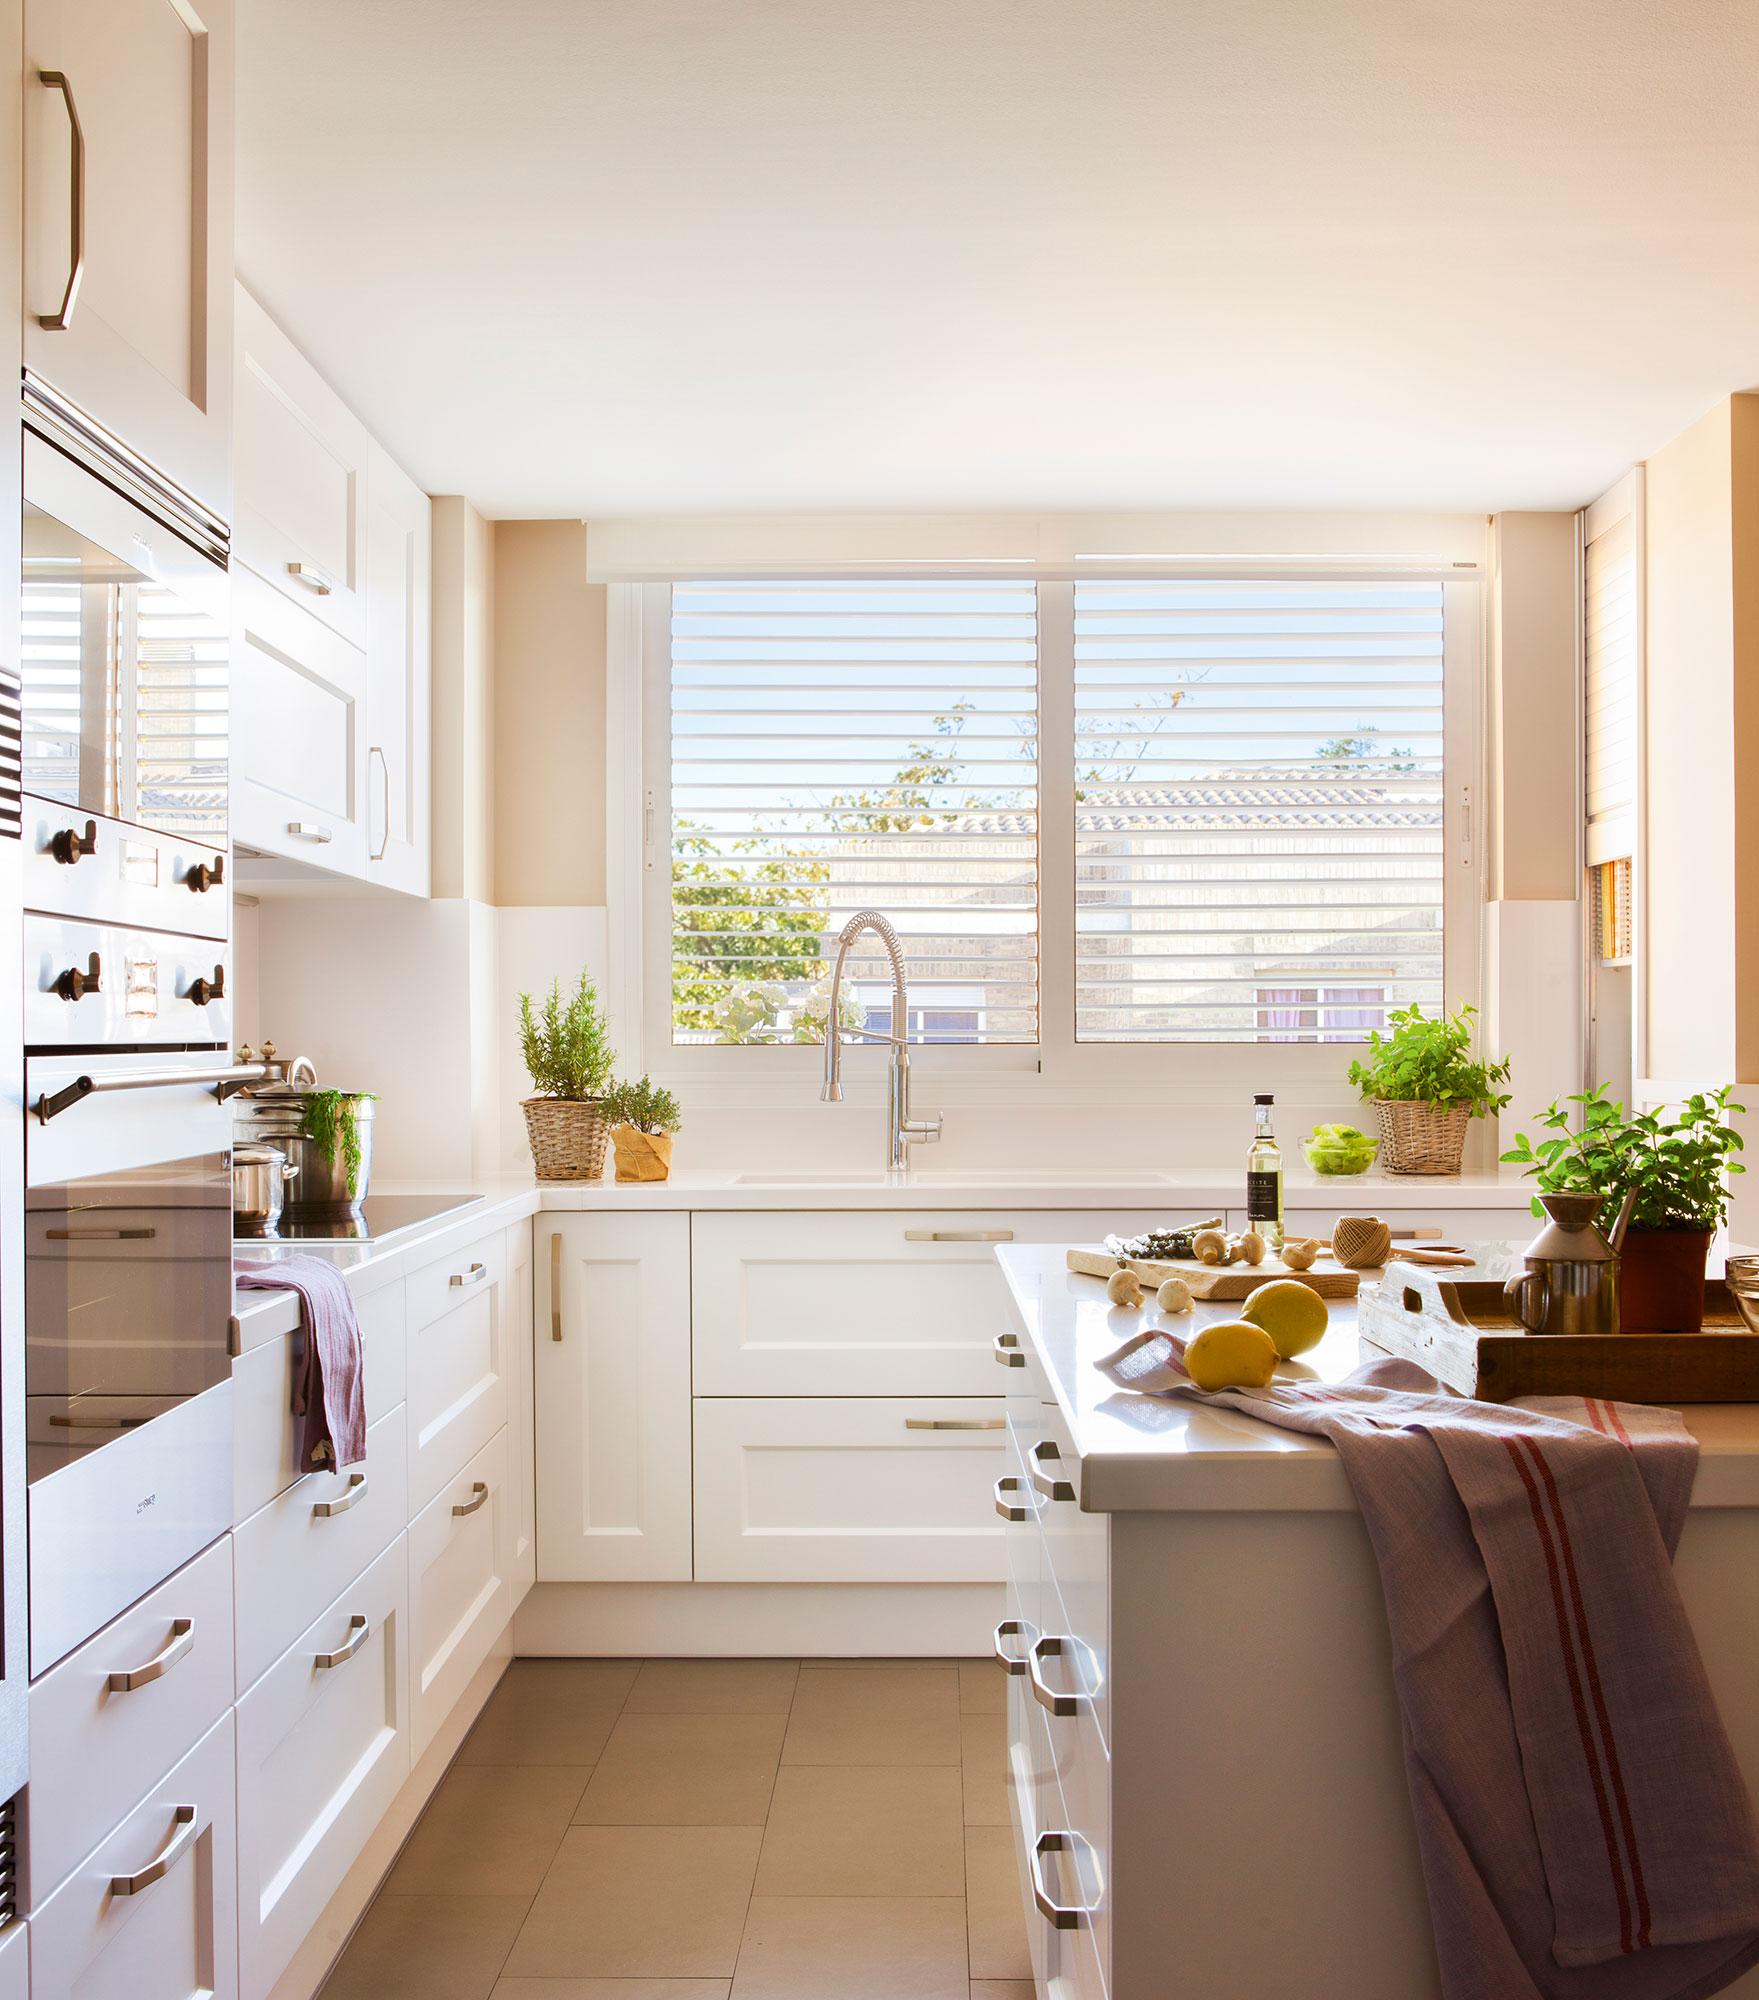 Ideas para aprovechar el espacio en las cocinas peque as for Cocina 3 metros pared